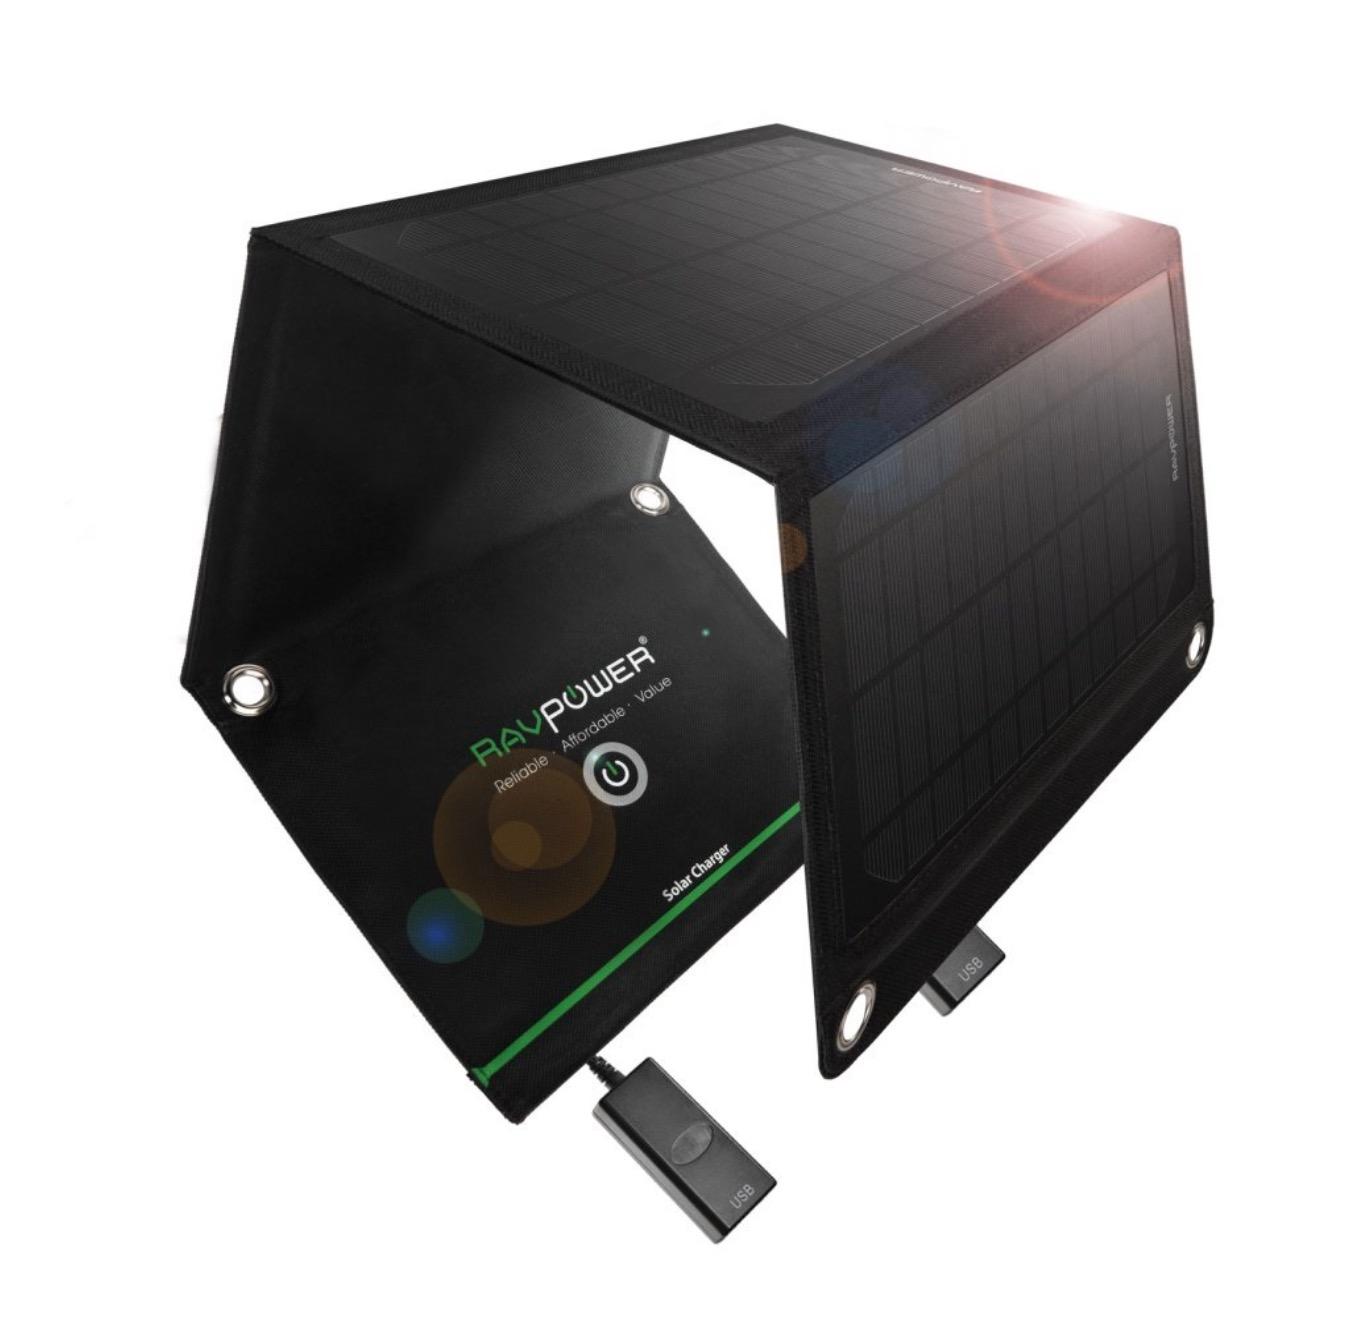 33,99 euro per pannello solare che ricarica cellulari e gadget USB